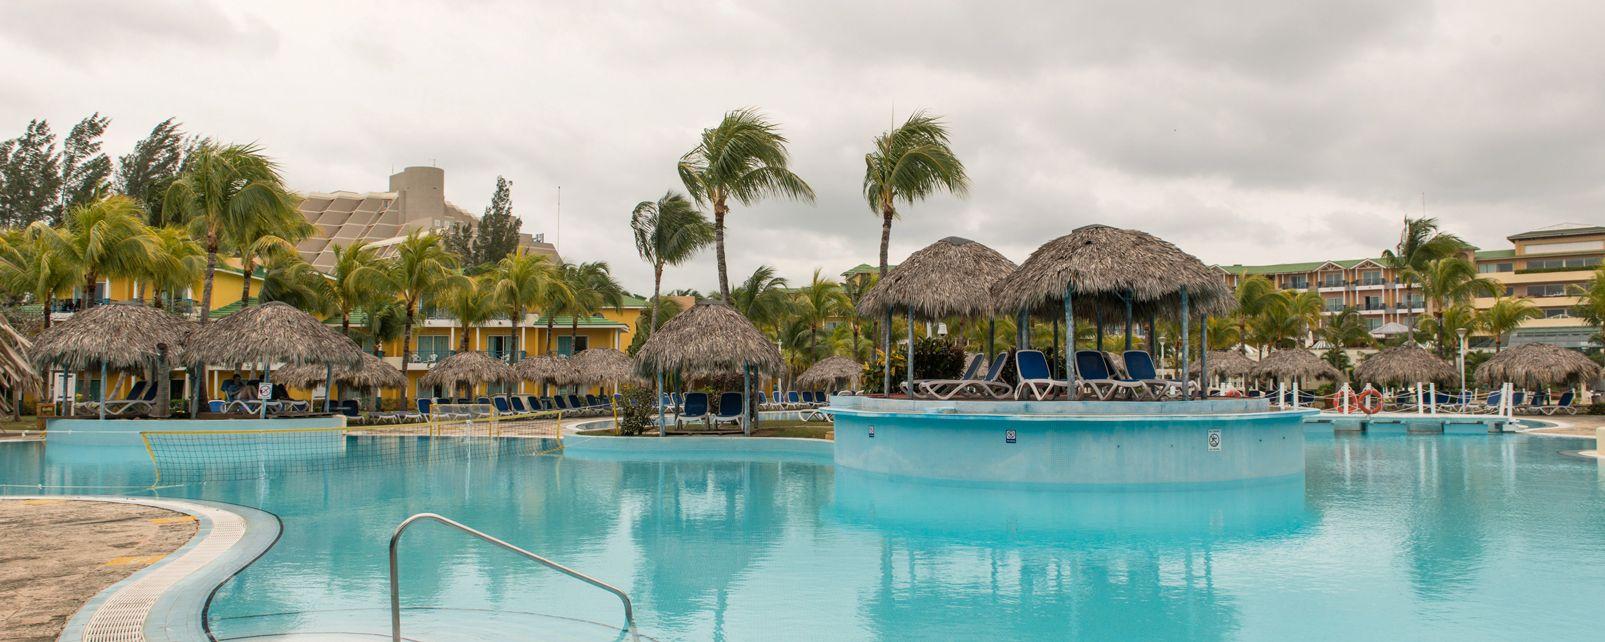 Hôtel Melia Las Antillas